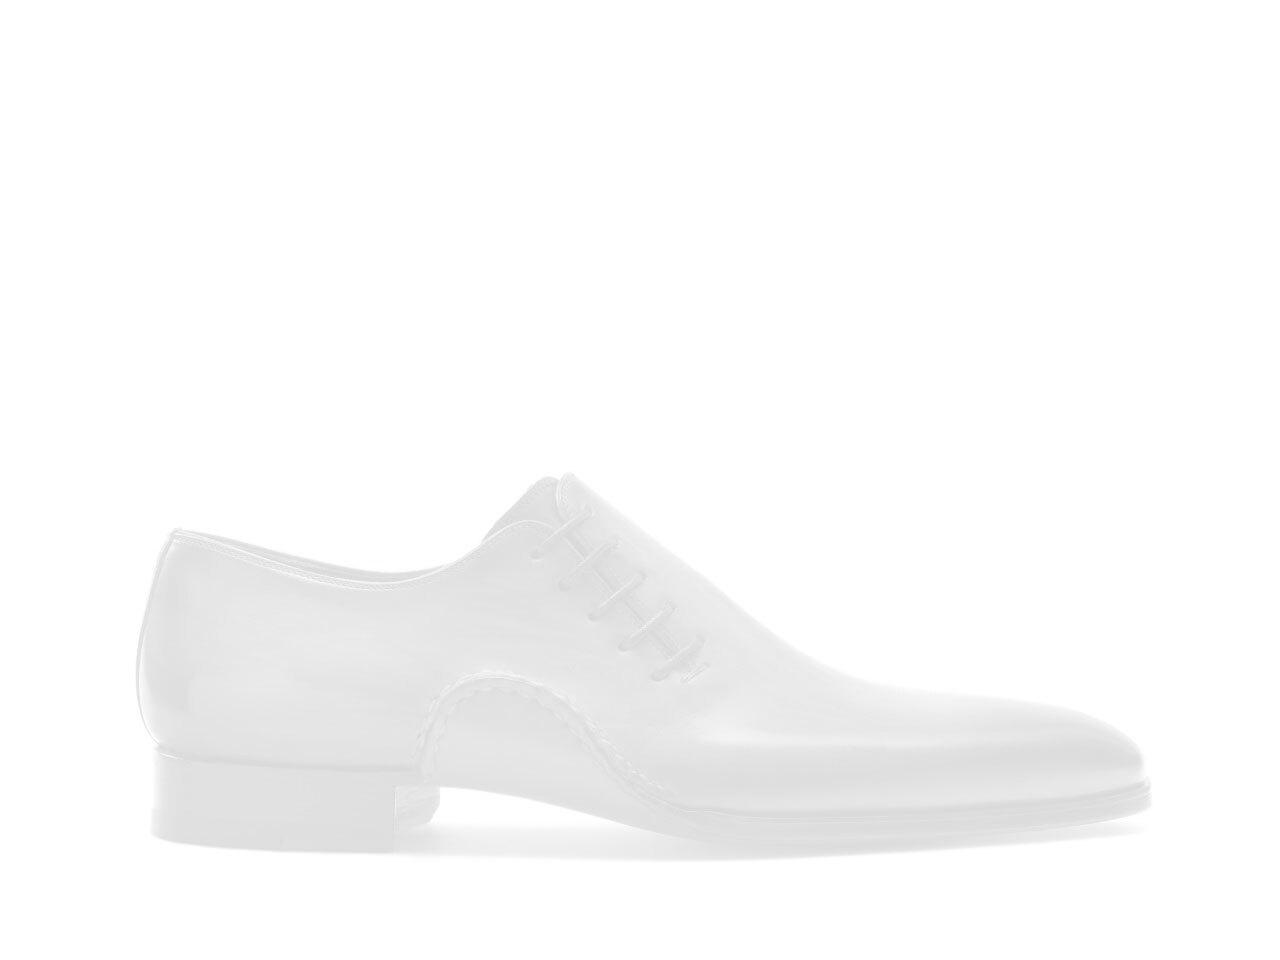 36cd66bce81 Cognac brown leather wholecut shoes for men - Magnanni